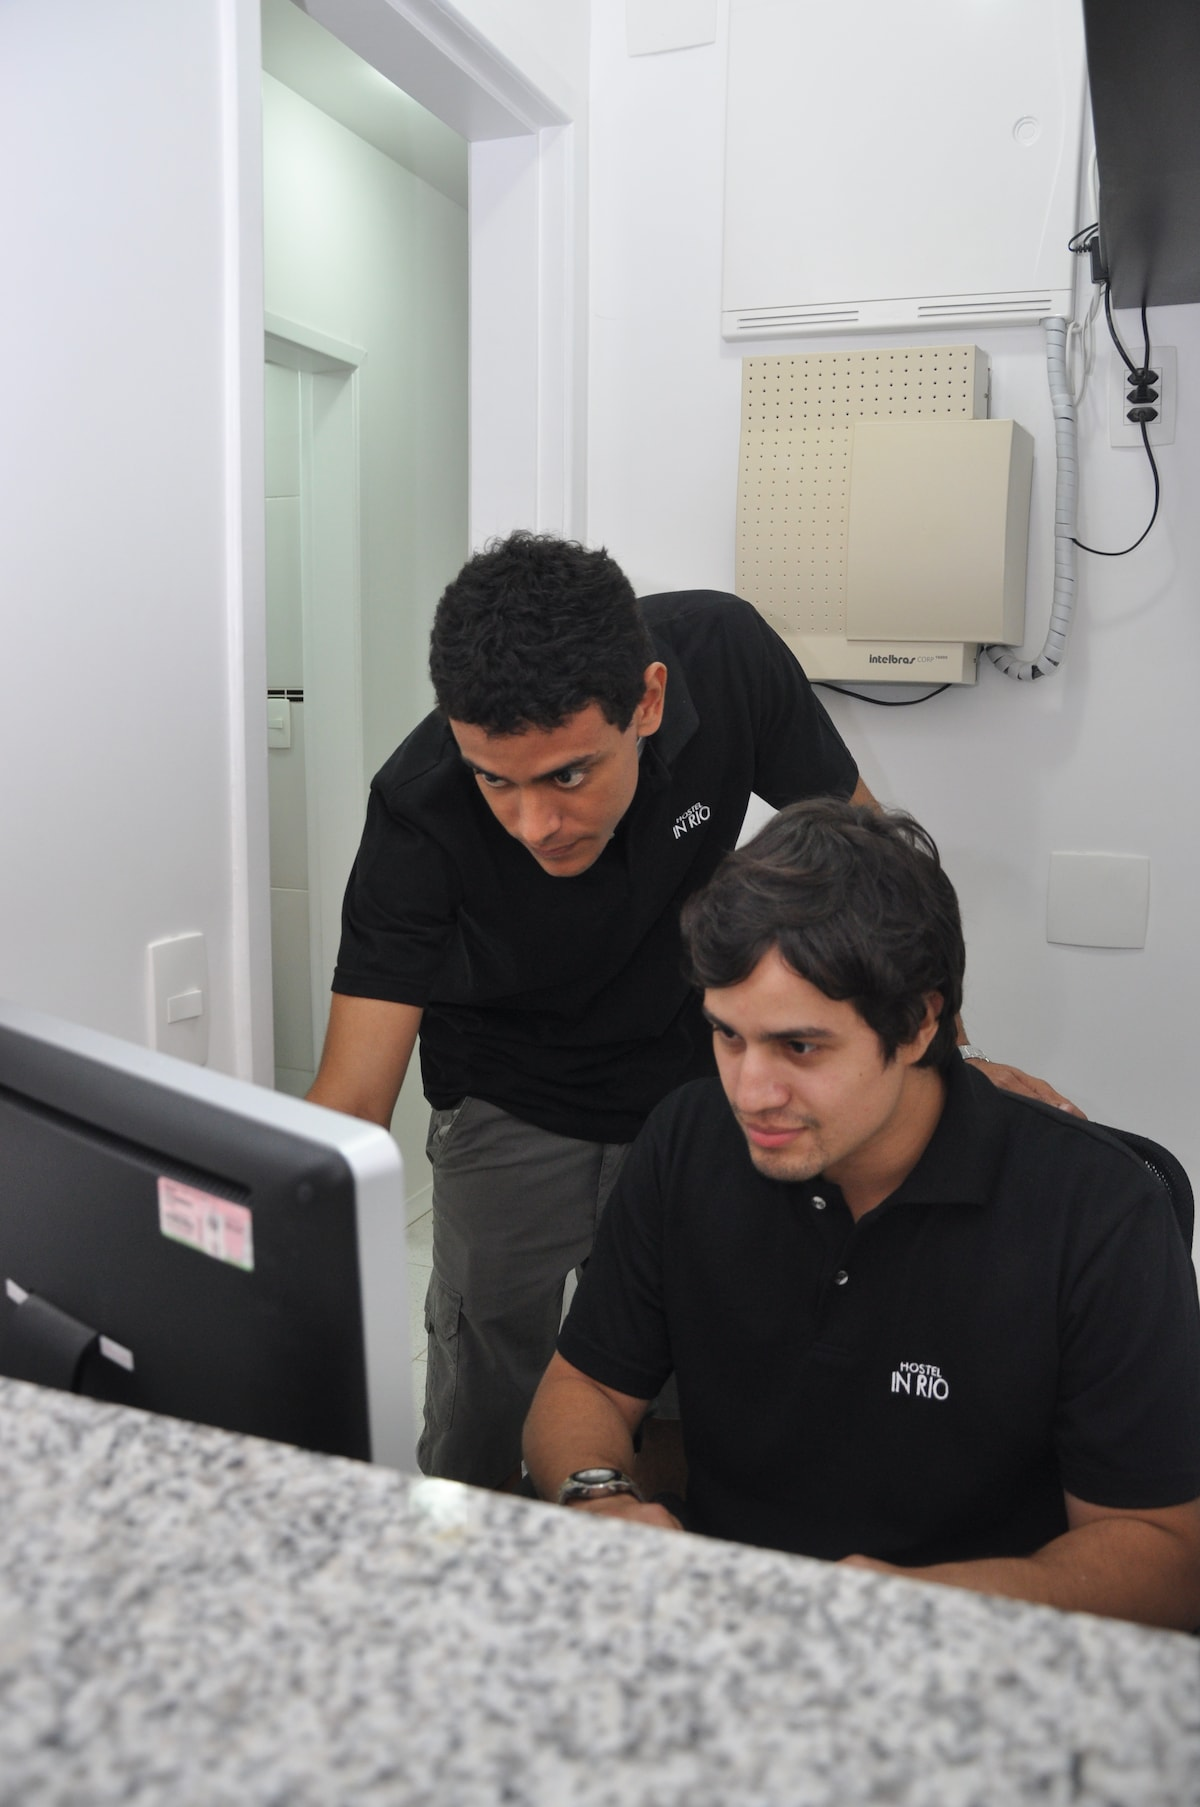 Hostel In Rio esta Localizado em Laranjeiras, um d